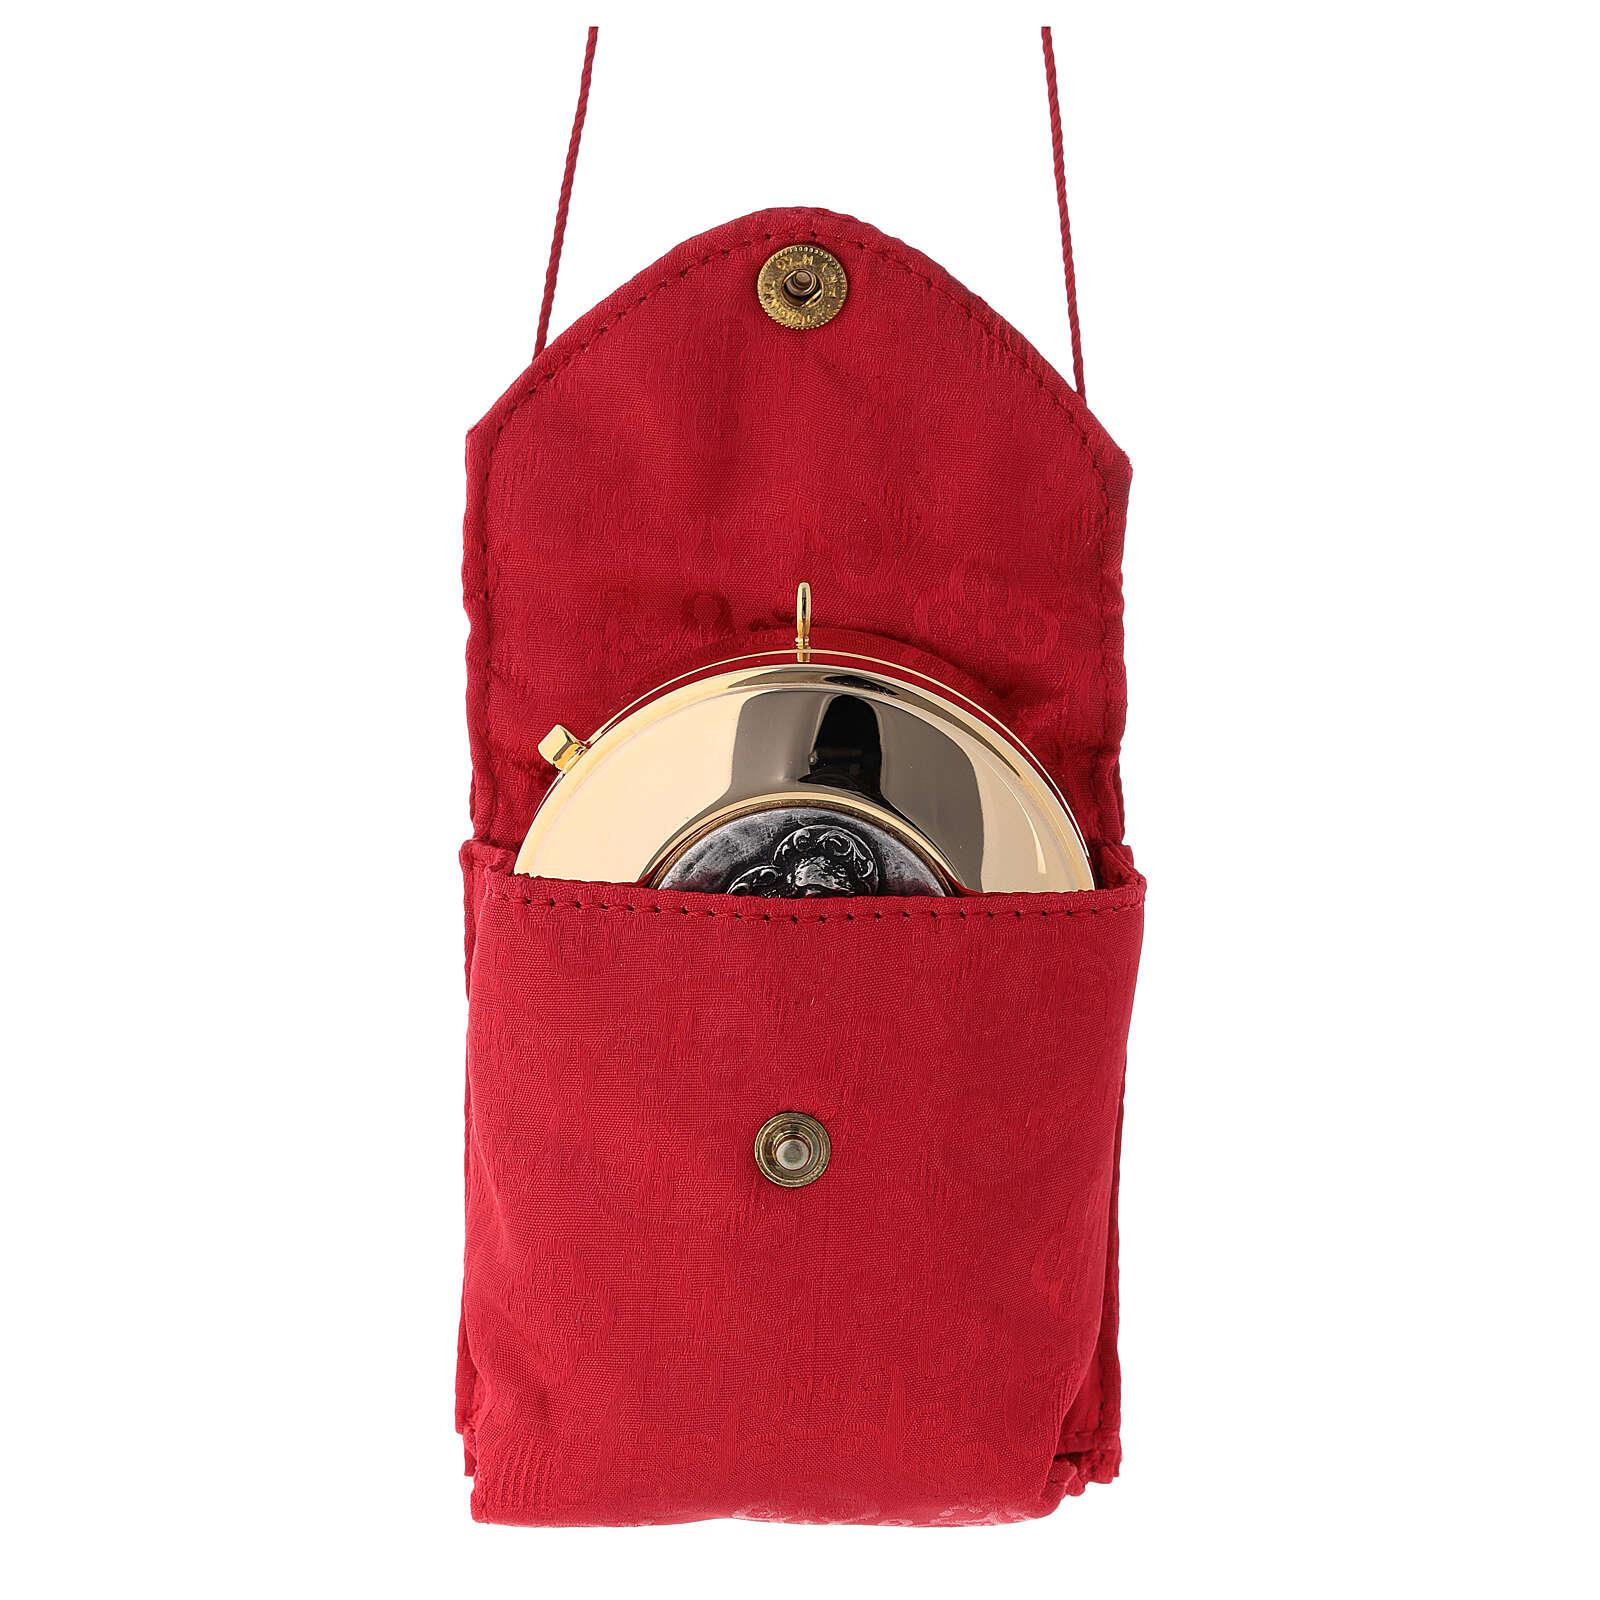 Étui jacquard rouge custode à hosties laiton doré Sainte Famille 3